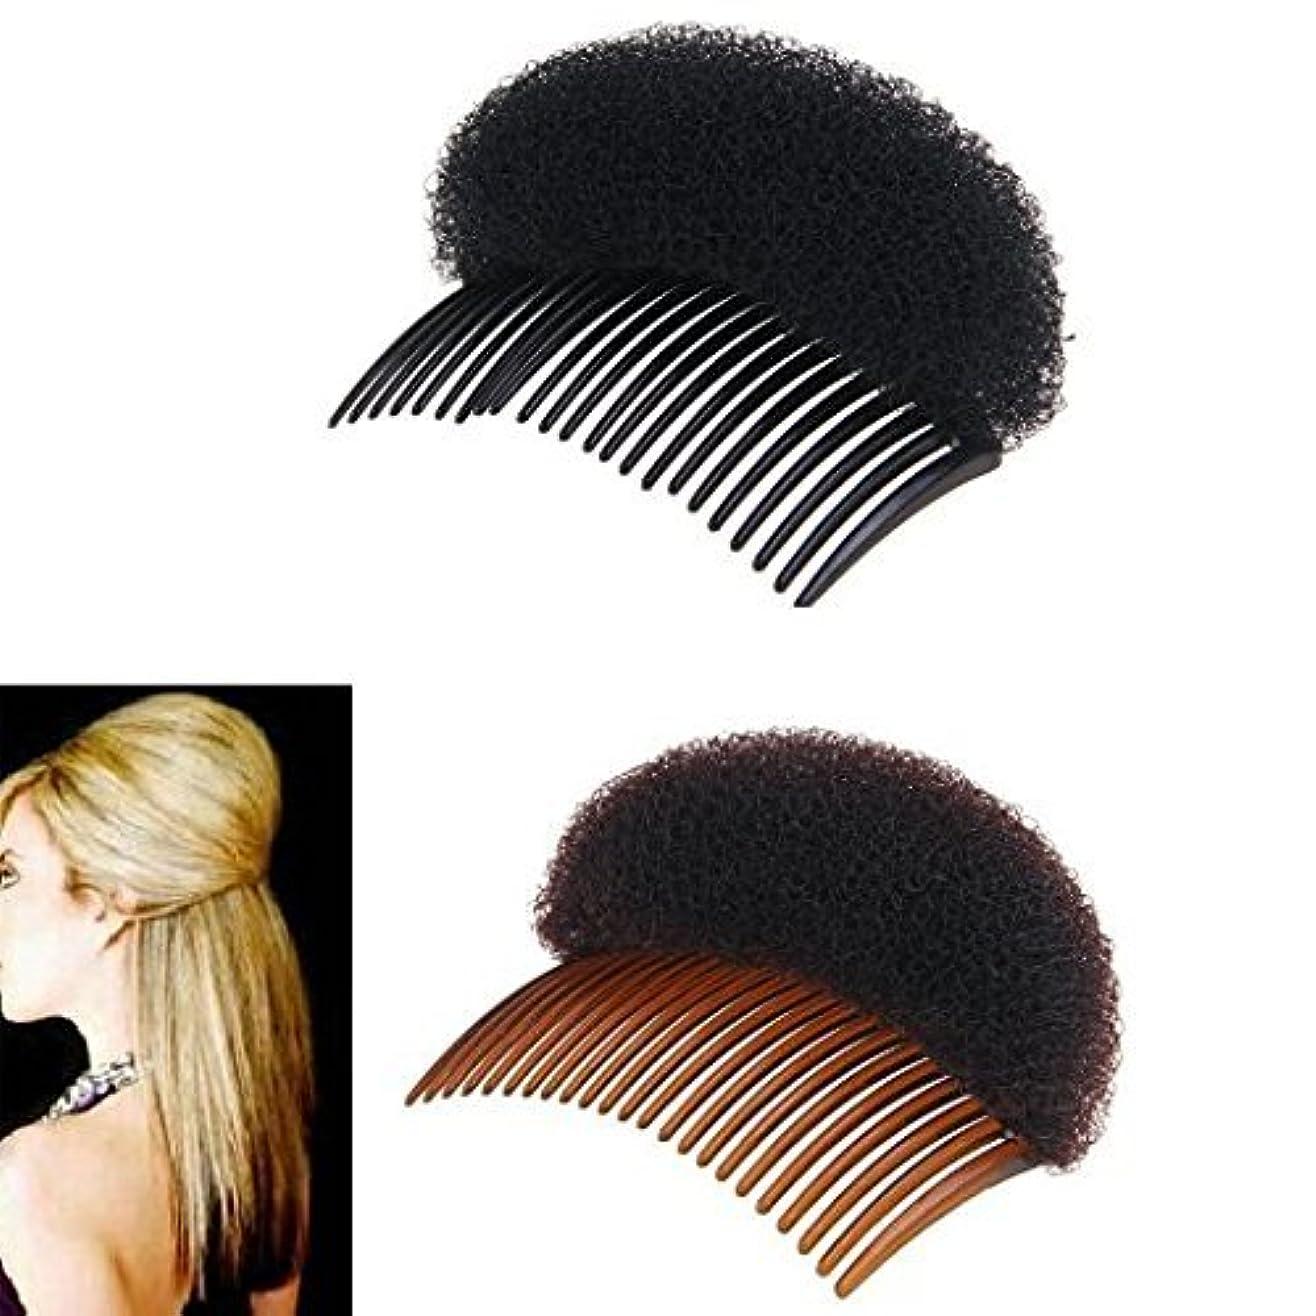 宝パッド階層2Pices(1Black+1Brown) Women Bump It Up Volume Hair Base Styling Clip Stick Bum Maker Braid Insert Tool Do Beehive...